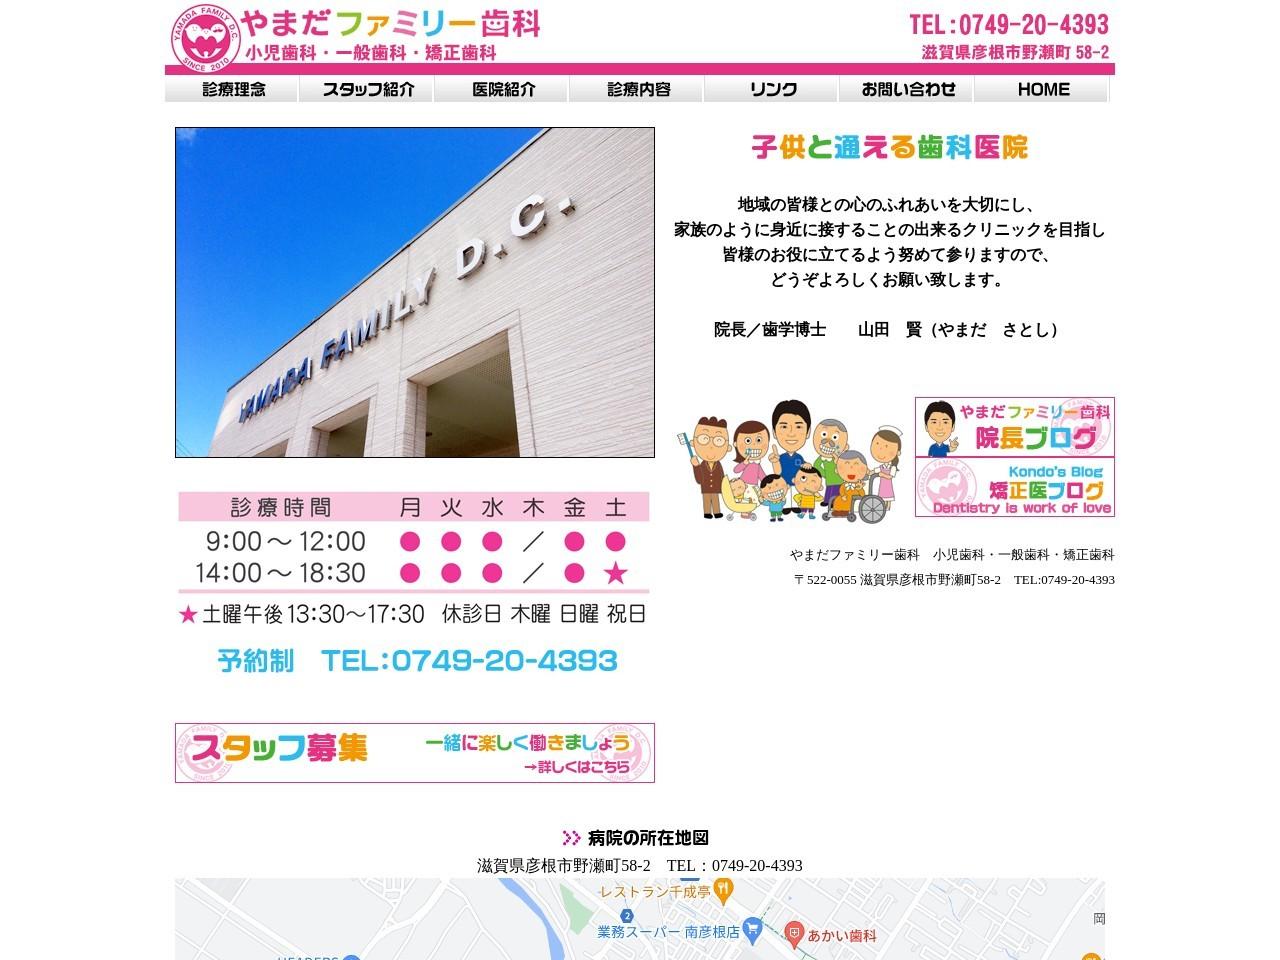 やまだファミリー歯科 (滋賀県彦根市)